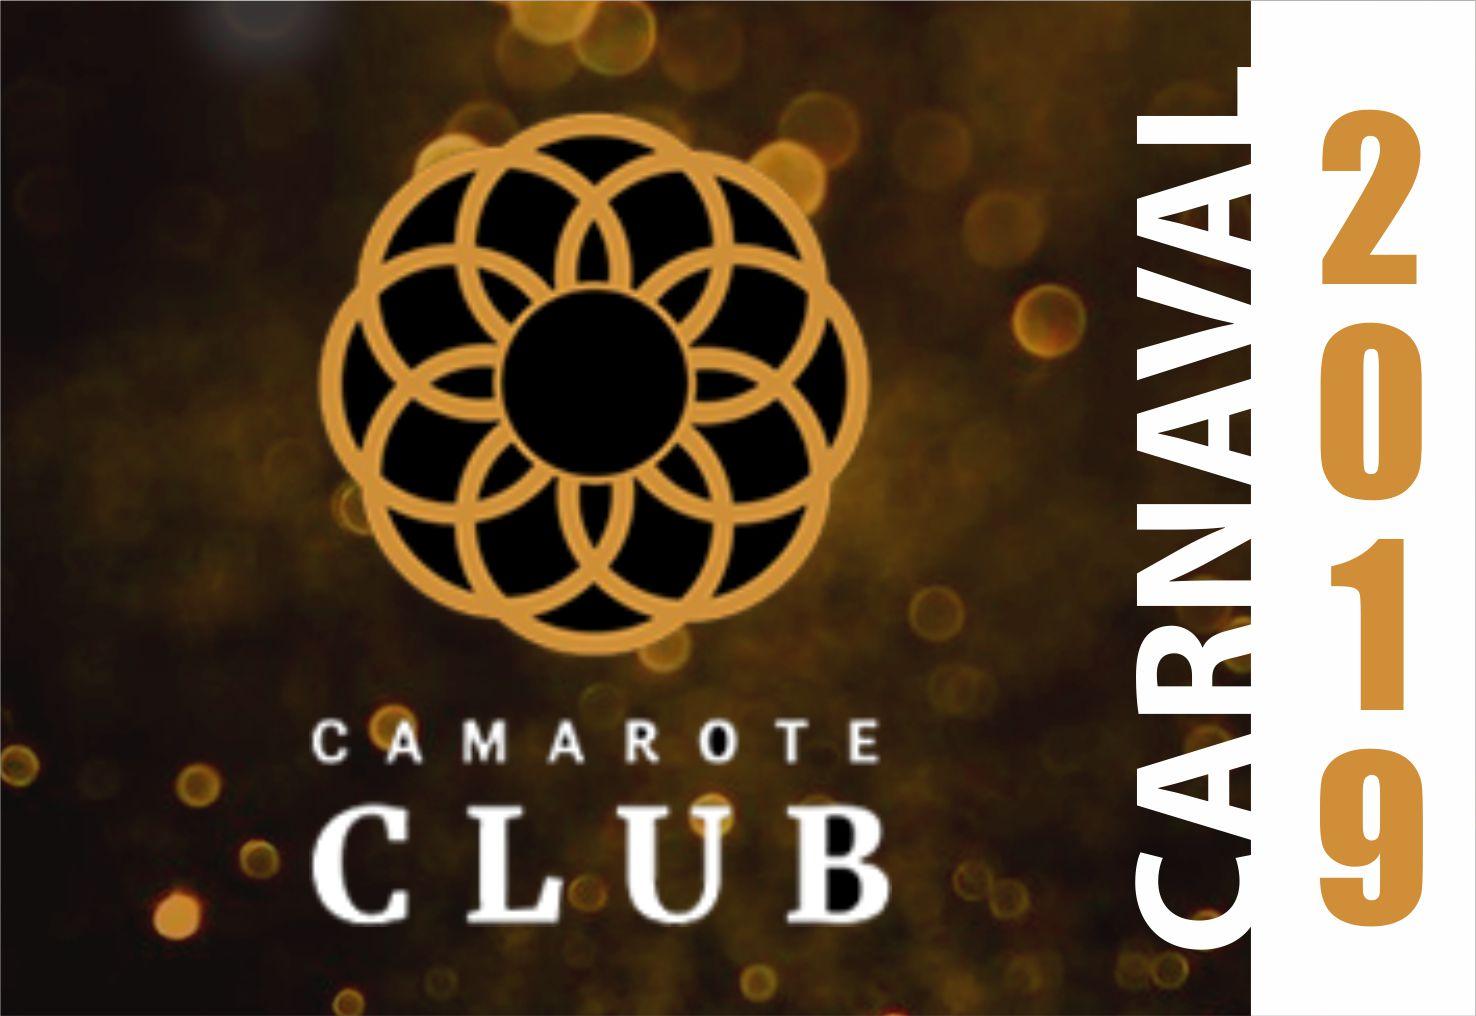 Camarote Club 2019